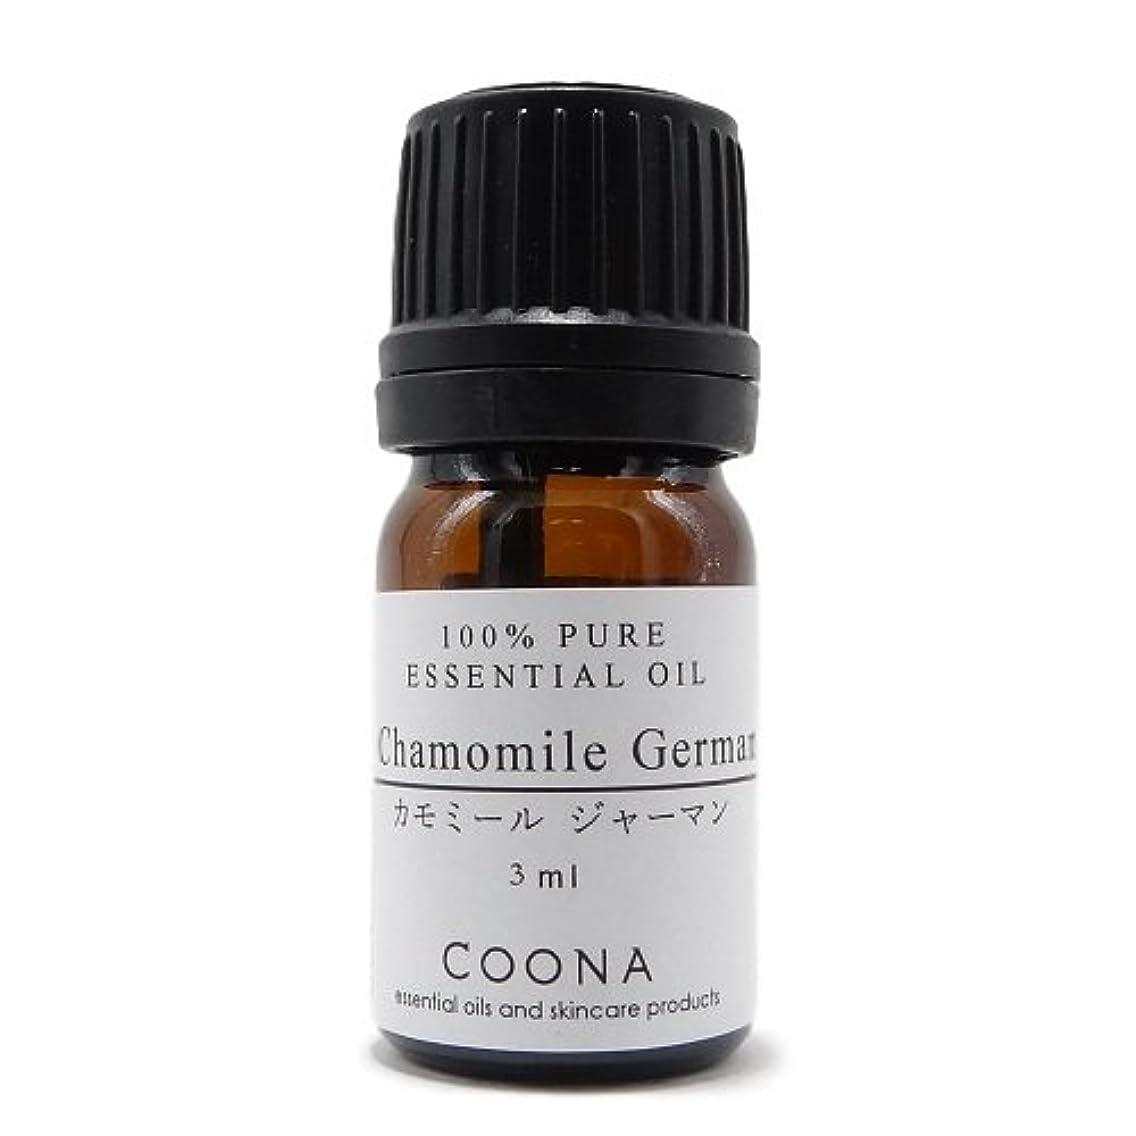 退却申し込む調整カモミール ジャーマン 3 ml (COONA エッセンシャルオイル アロマオイル 100% 天然植物精油)